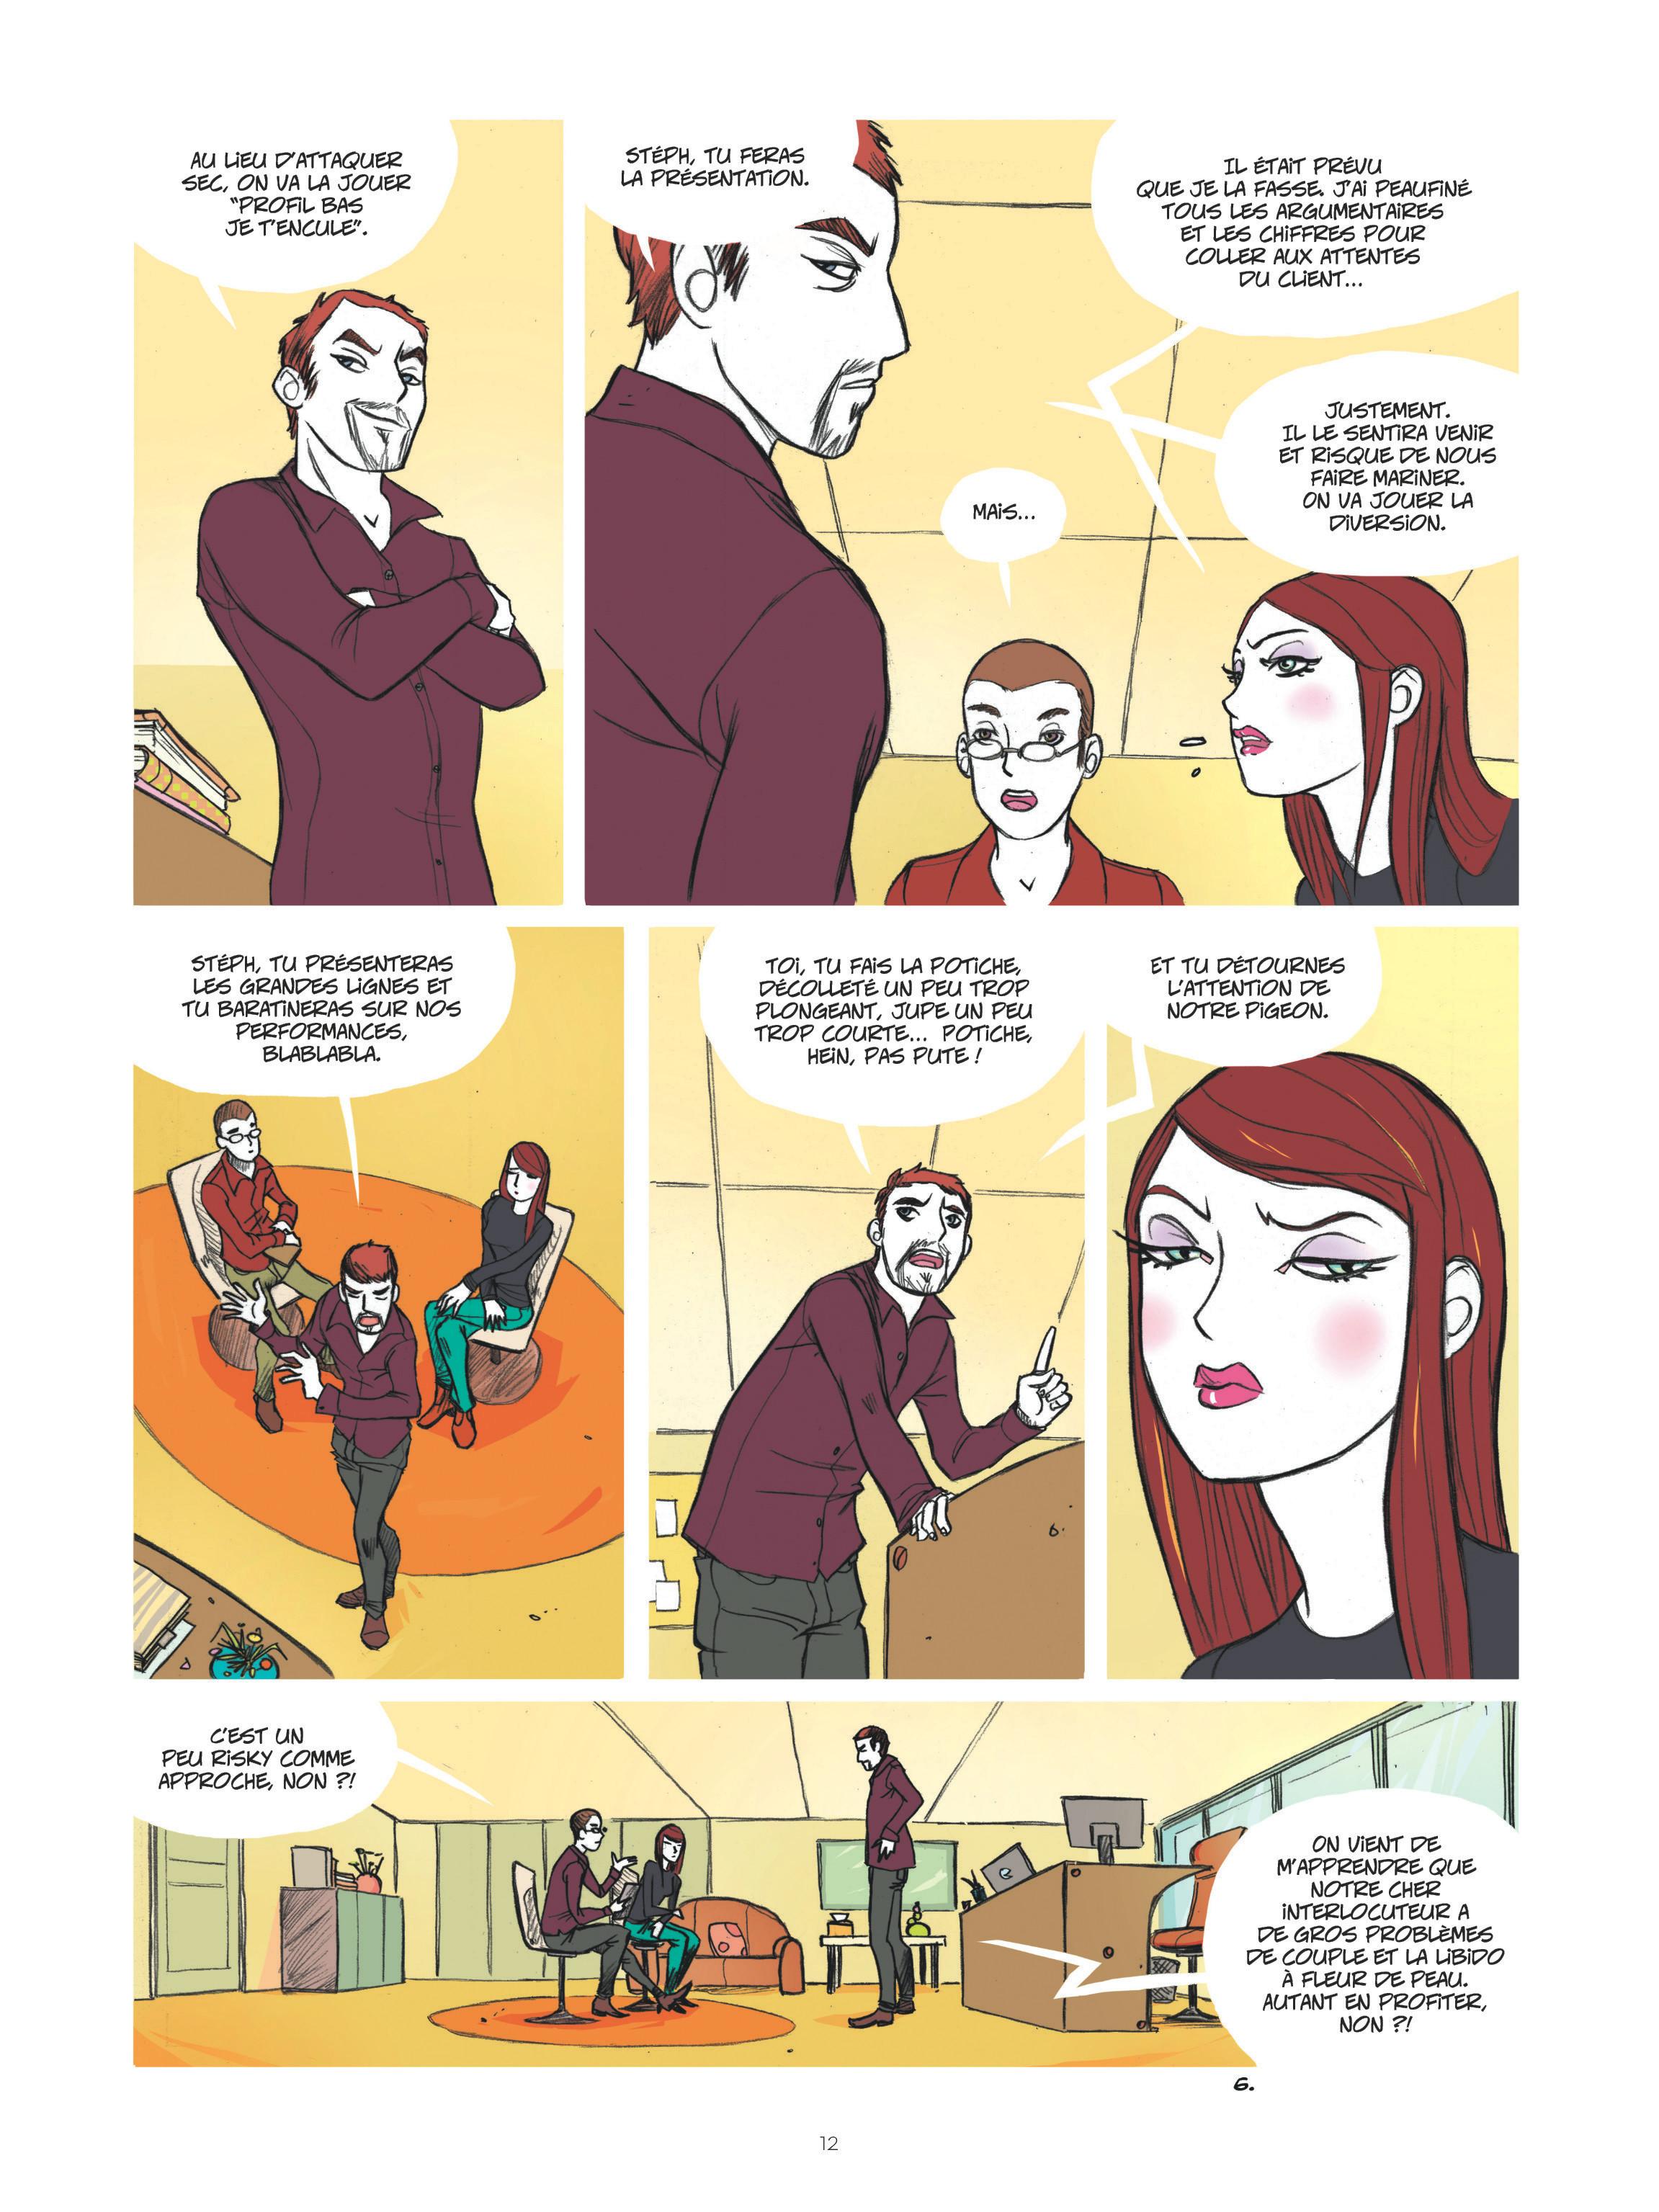 Journal_d_une_femen_Page 12